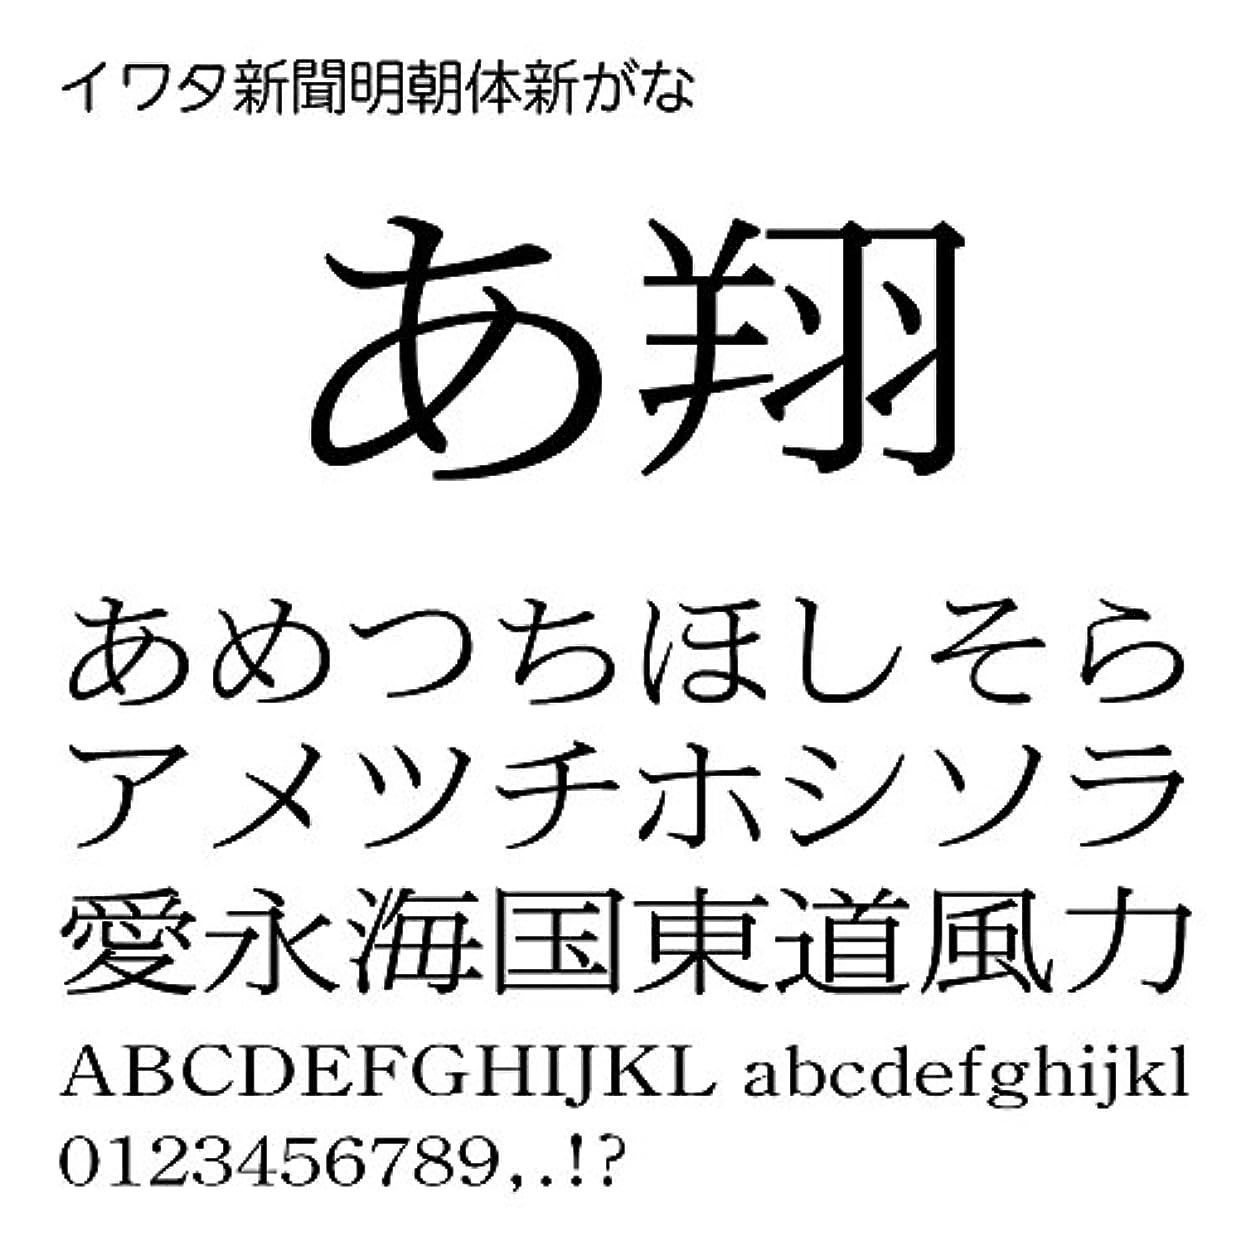 イワタ新聞明朝体新がなStd OpenType Font for Windows [ダウンロード]